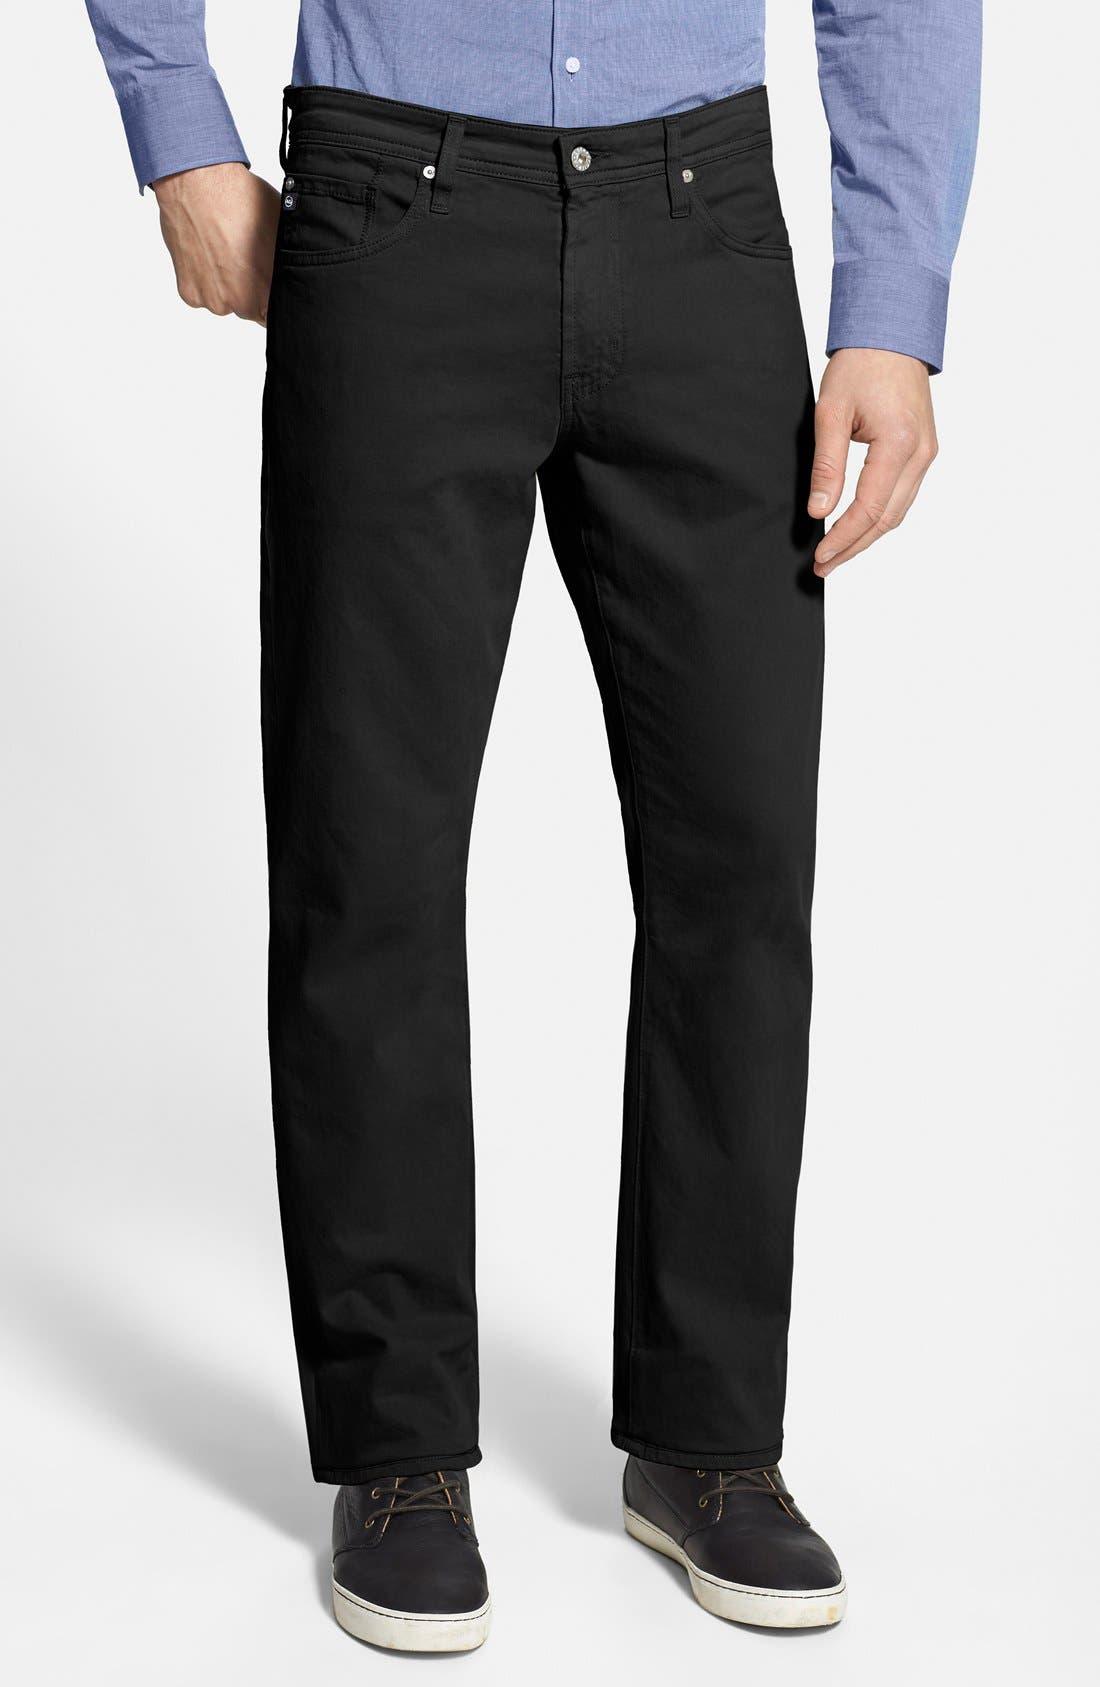 AG 'Protégé SUD' Straight Leg Pants, Main, color, 010